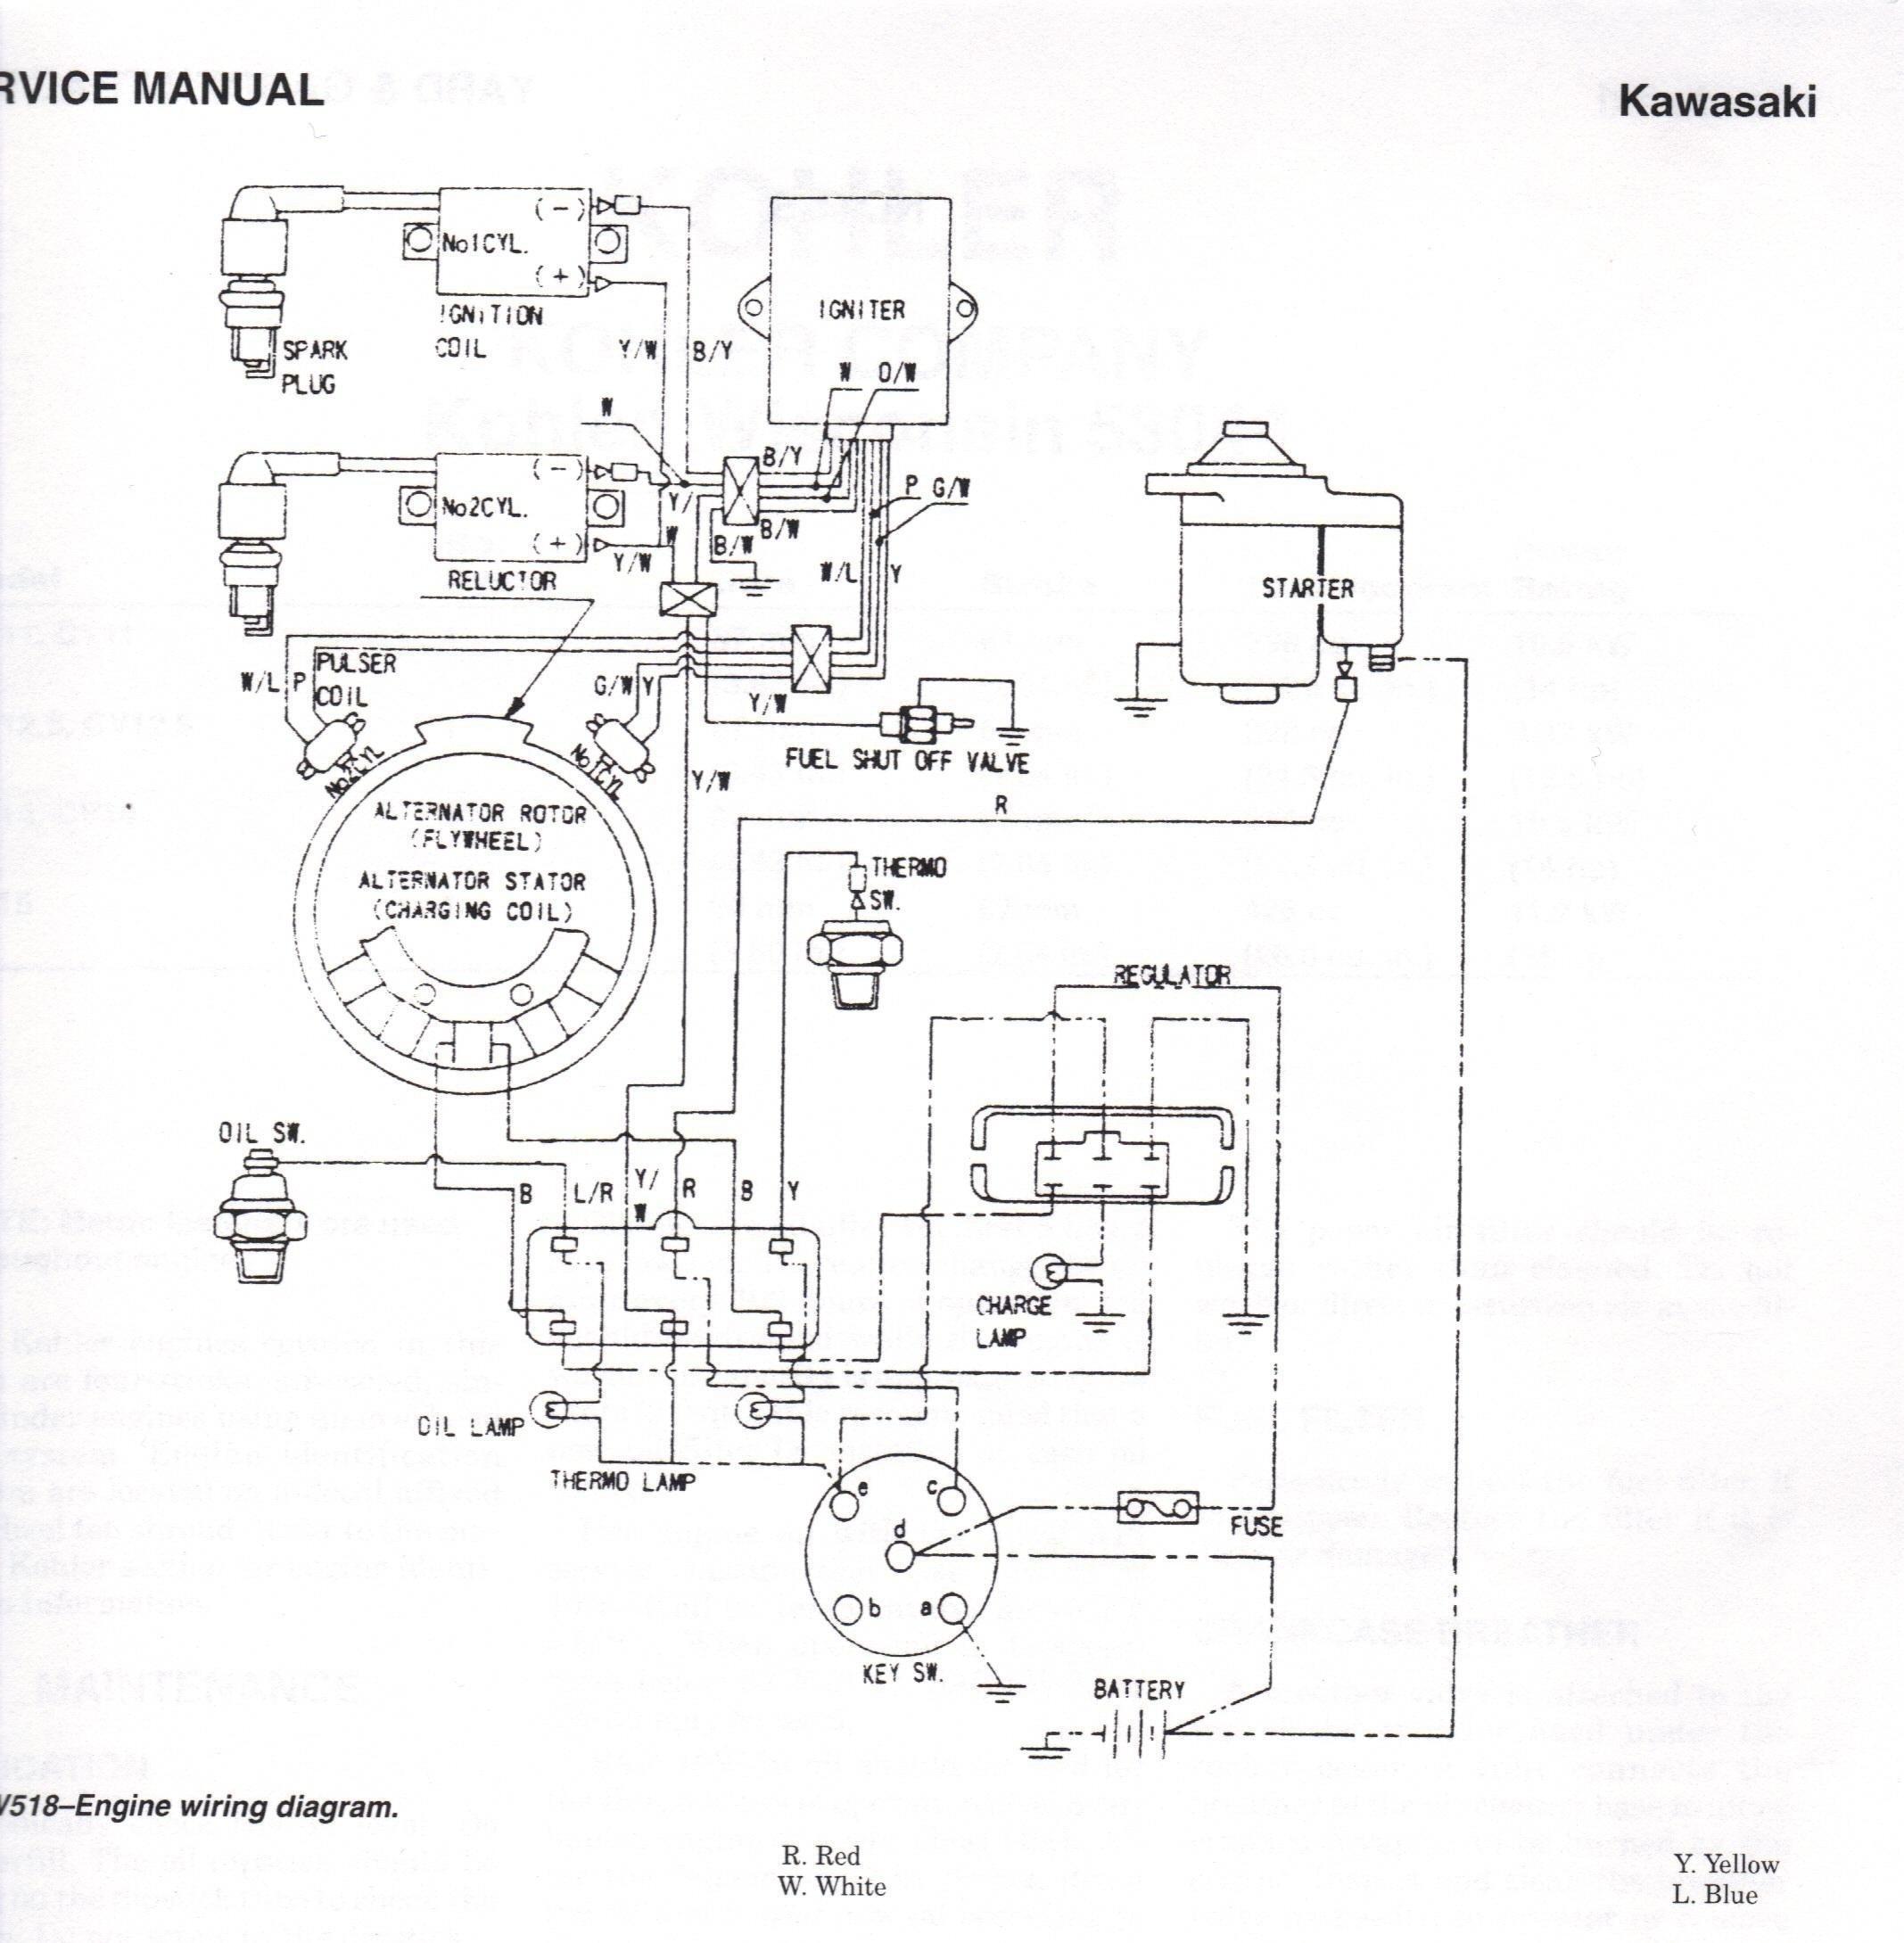 john deere gator wiring diagram free wiring diagram